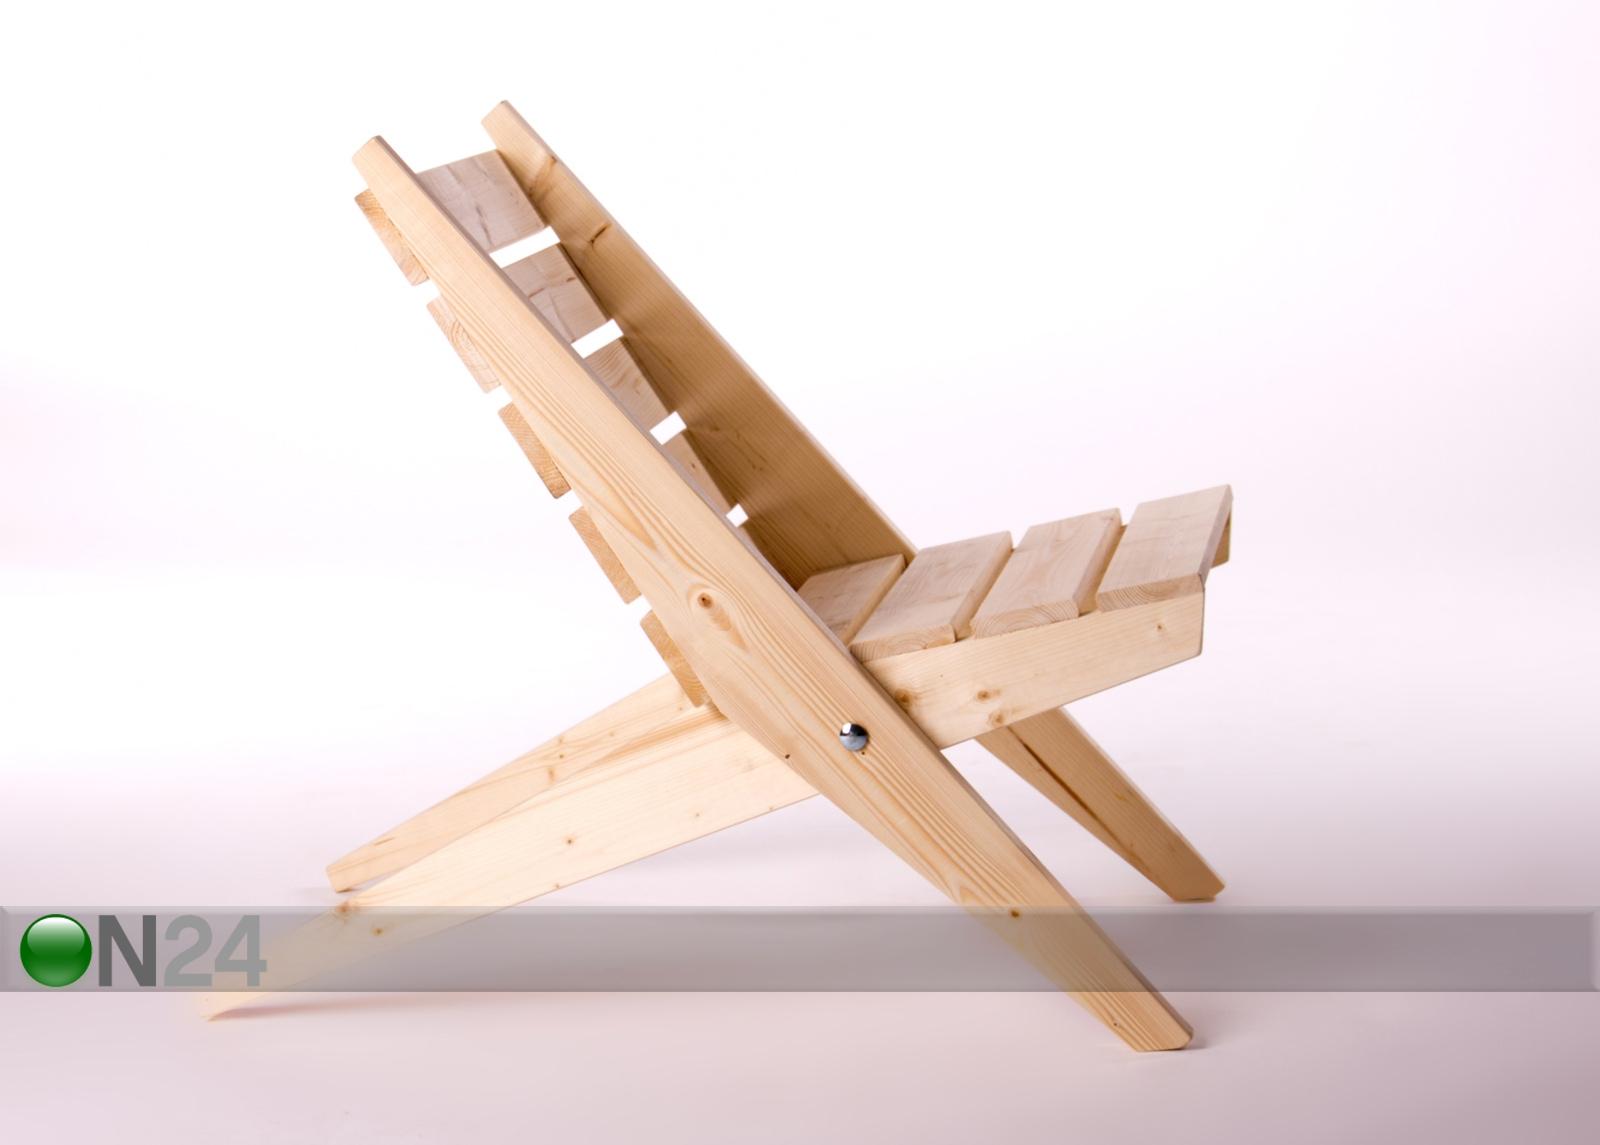 Складные стулья своими руками из дерева: чертежи, выполнение 27